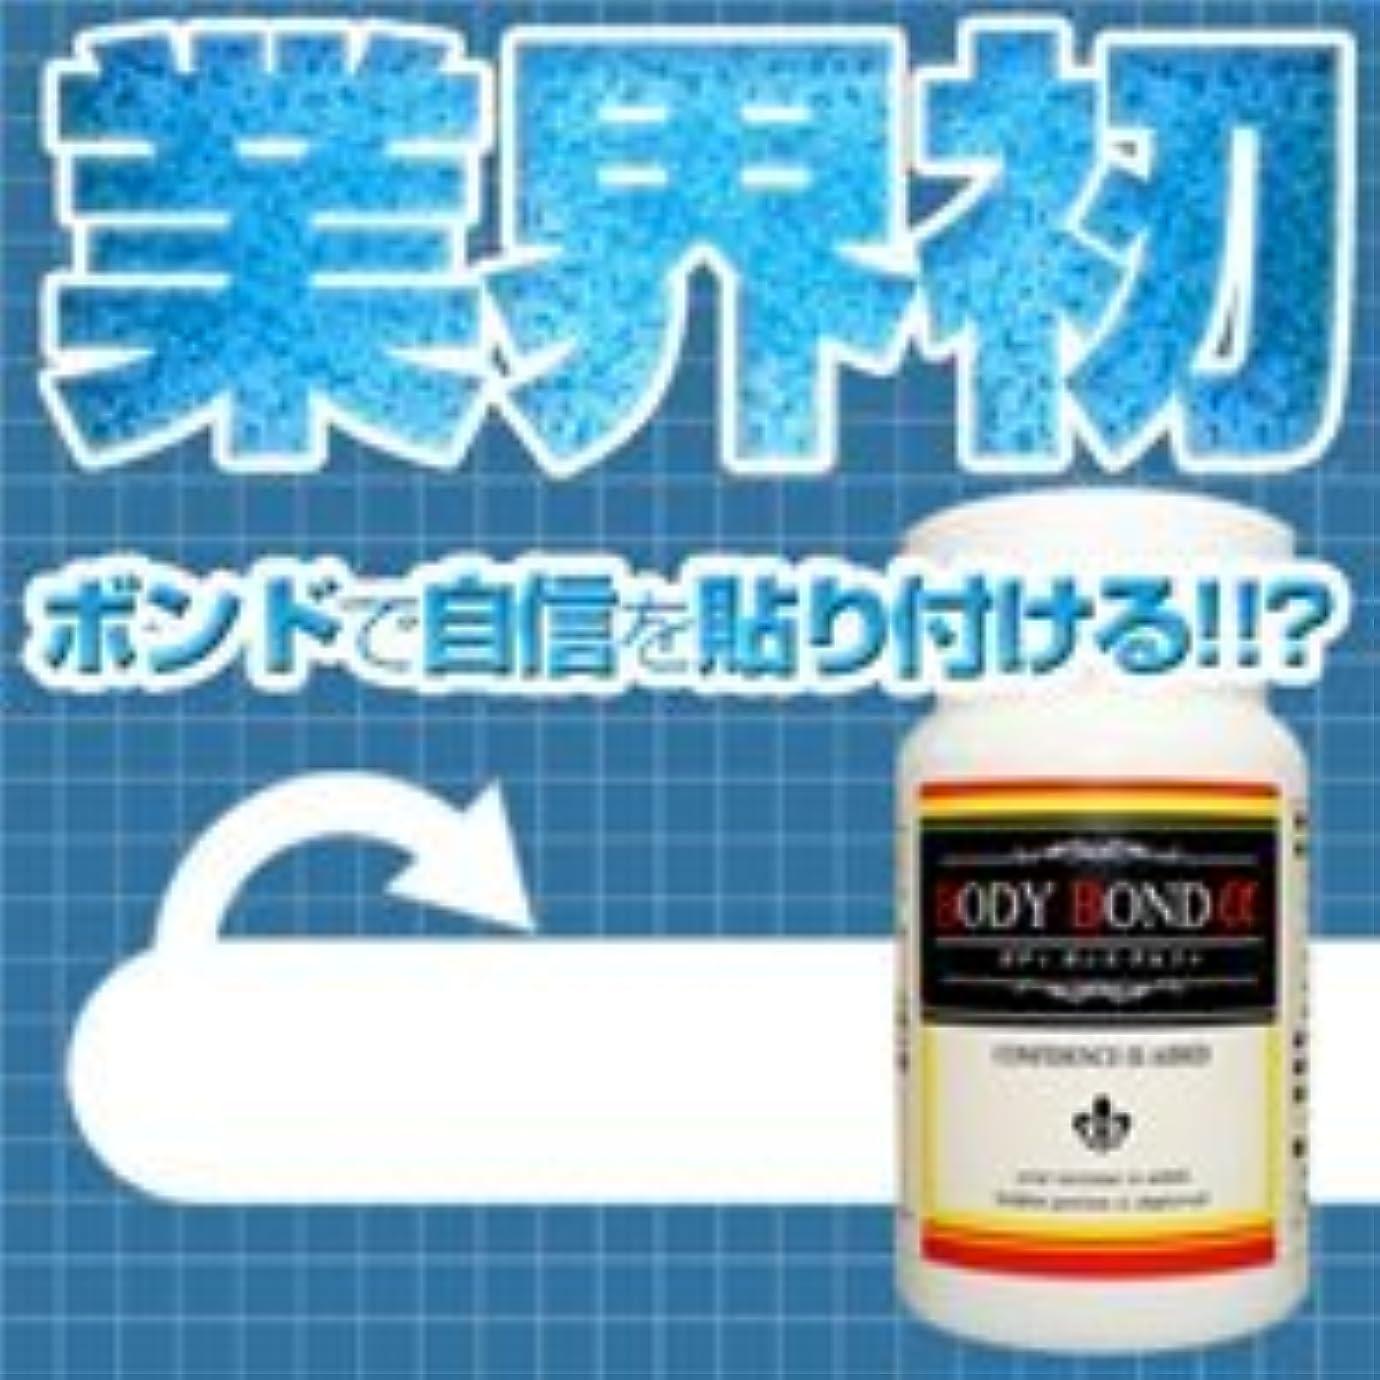 納税者汚染ライオネルグリーンストリートBODY BOND α(ボディボンドアルファ)/【CC】